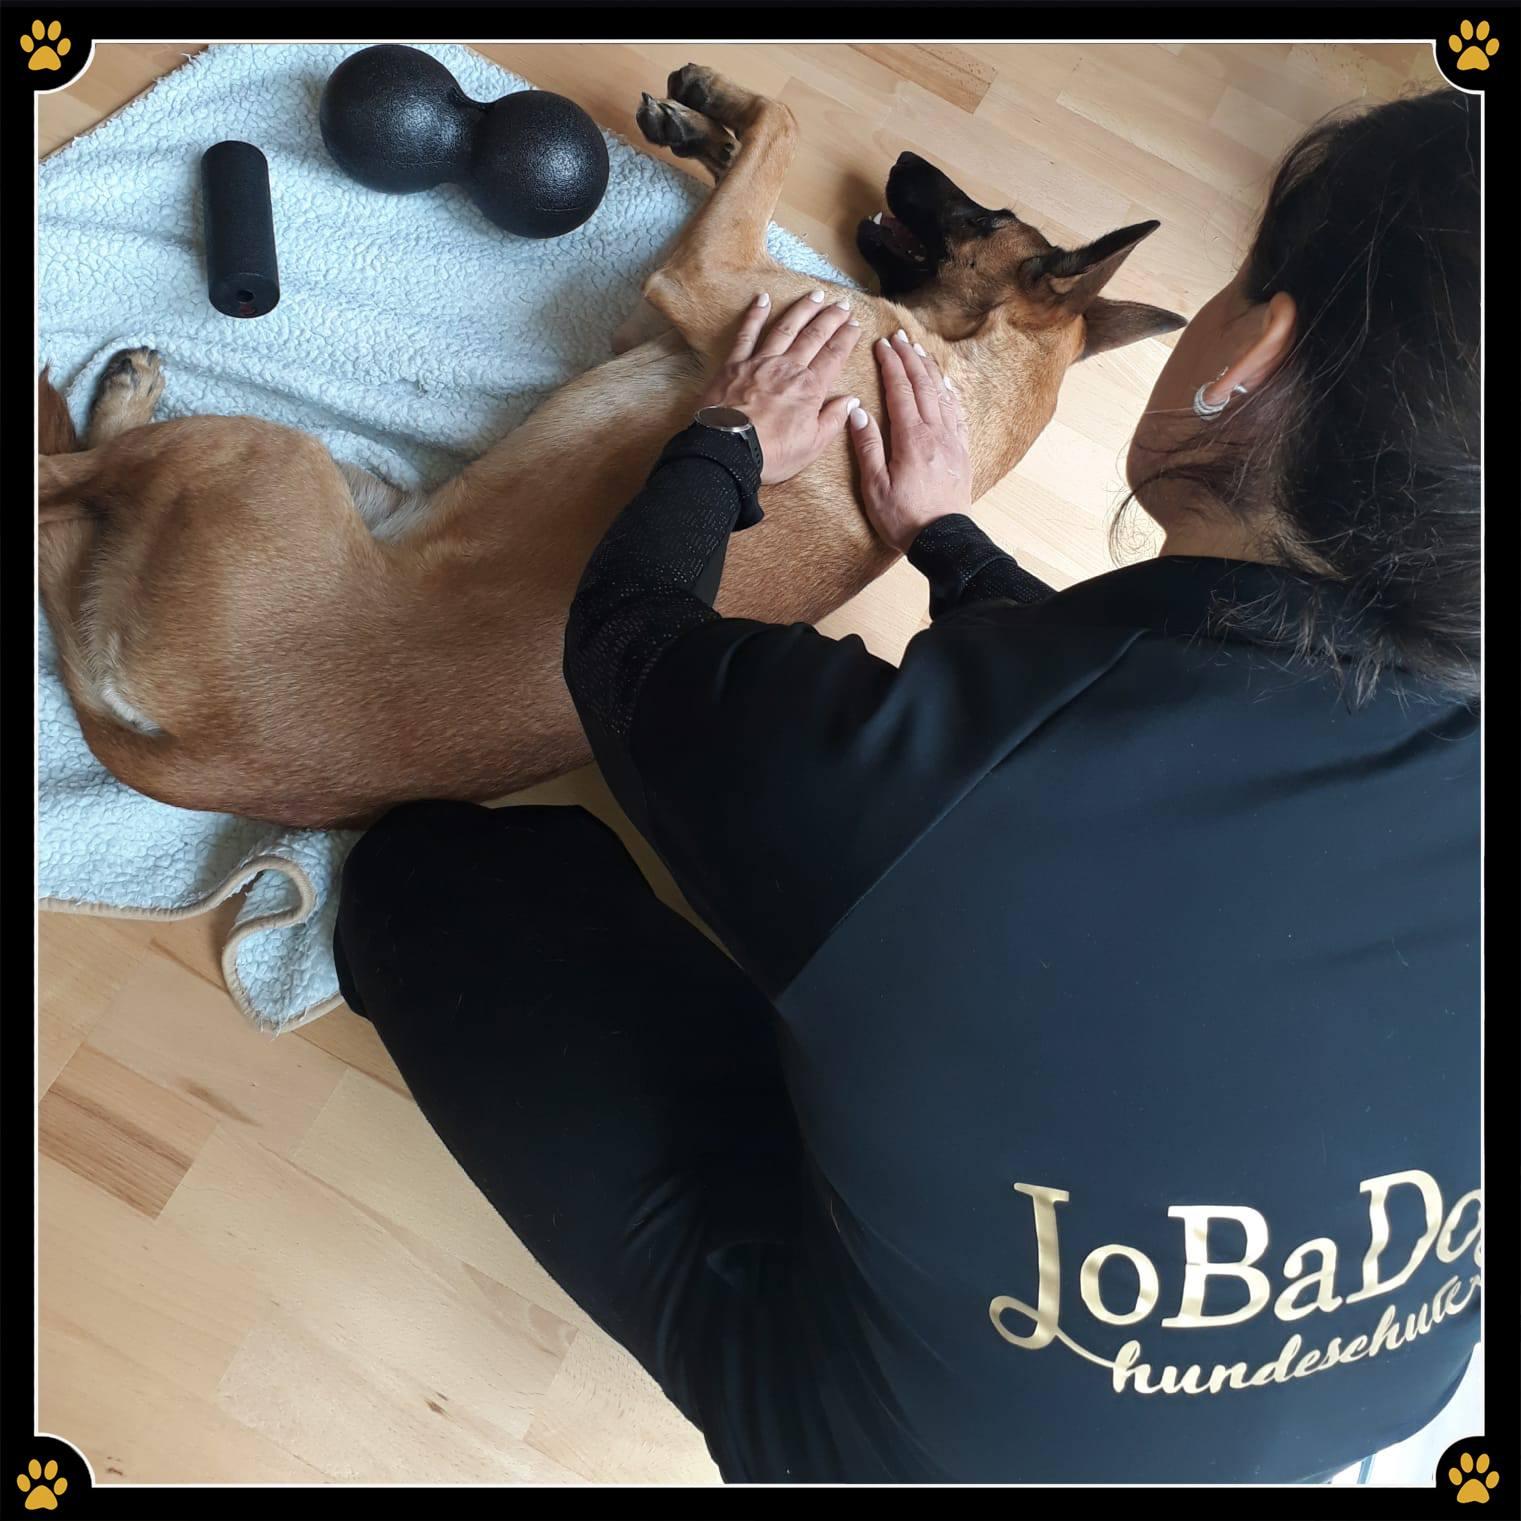 """JoBaDog """"Massage für den Hund"""" mit Sportdog Physio - Wolltet ihr schon immer mal wissen, welche gesundheitlichen Vorteile es hat, seinen Vierbeiner regelmäßig zu massieren und warum dabei gleichzeitig die Bindung des Hund-Mensch-Teams gestärkt wird? 💛Im Seminar von Sportdog Physio, werden alle Fragen Rund um das Thema """"Massage für den Hund"""